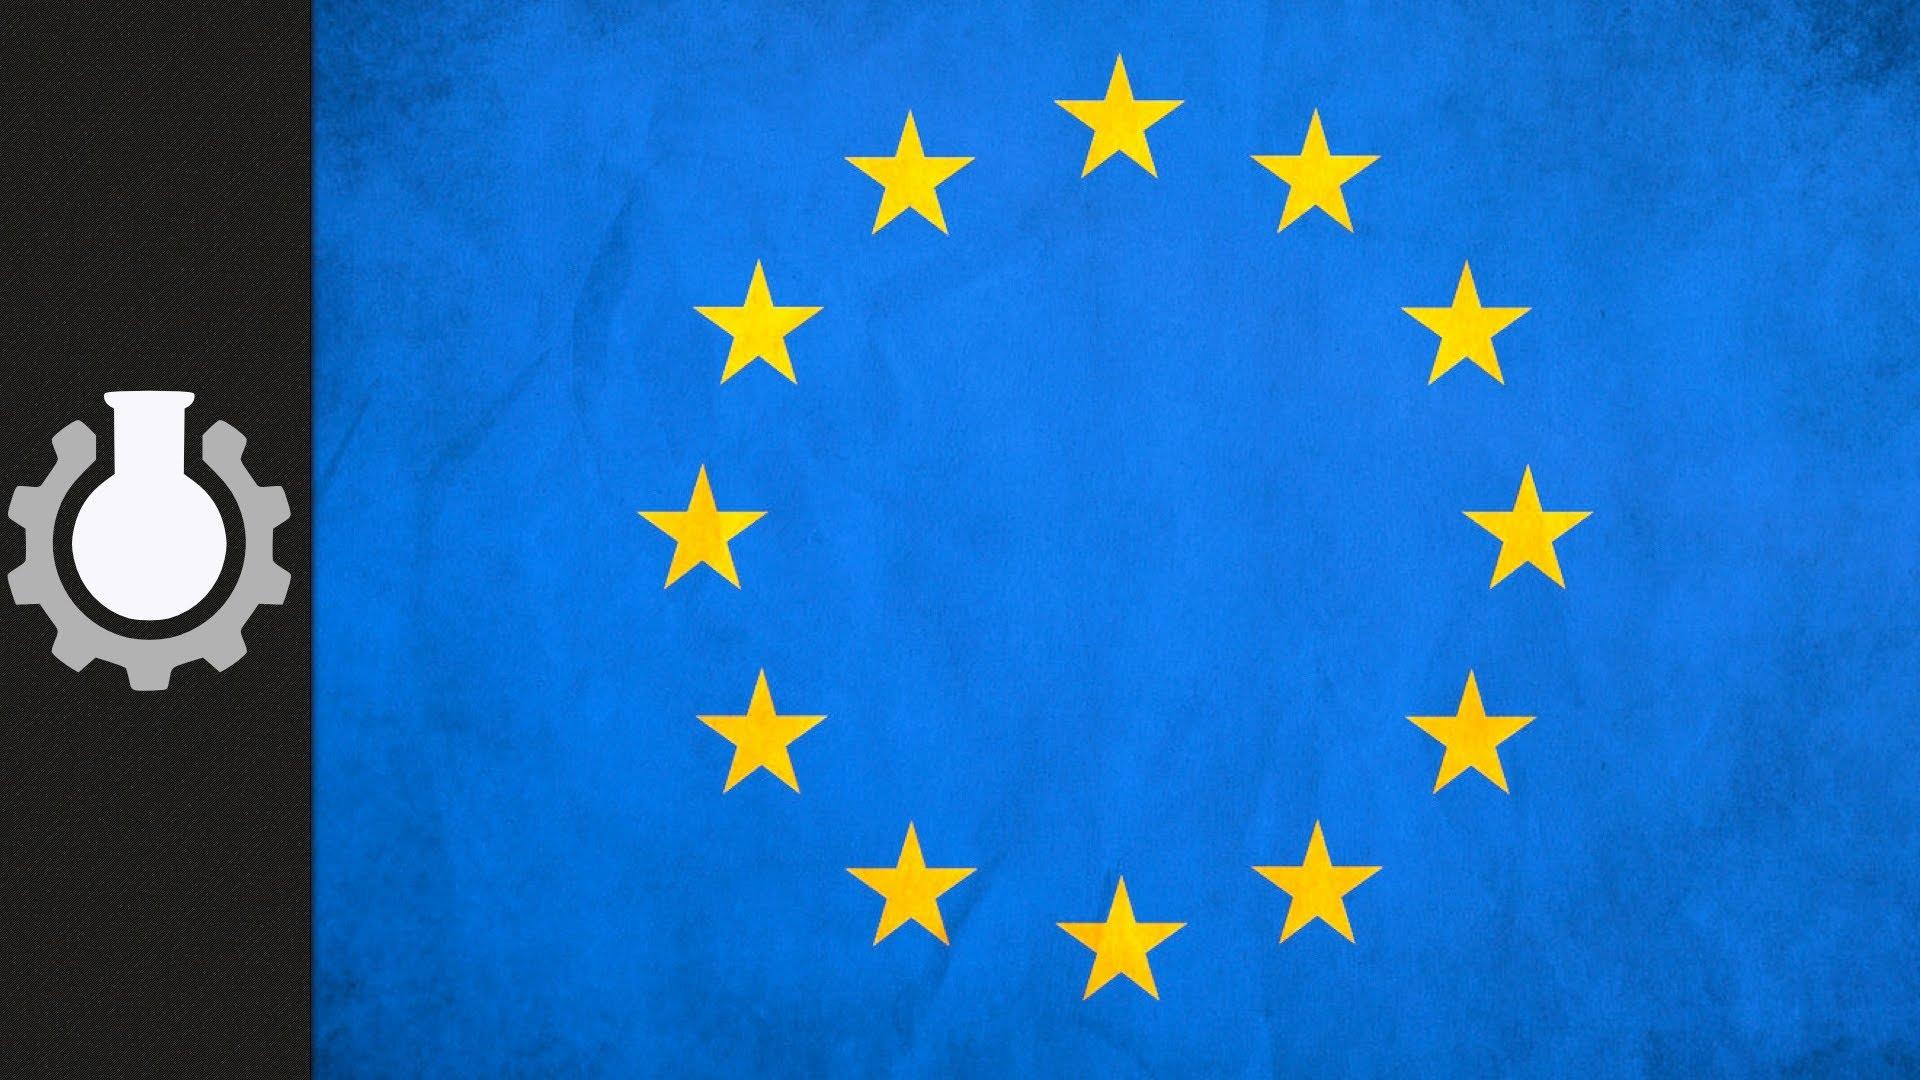 你了解歐盟嗎?